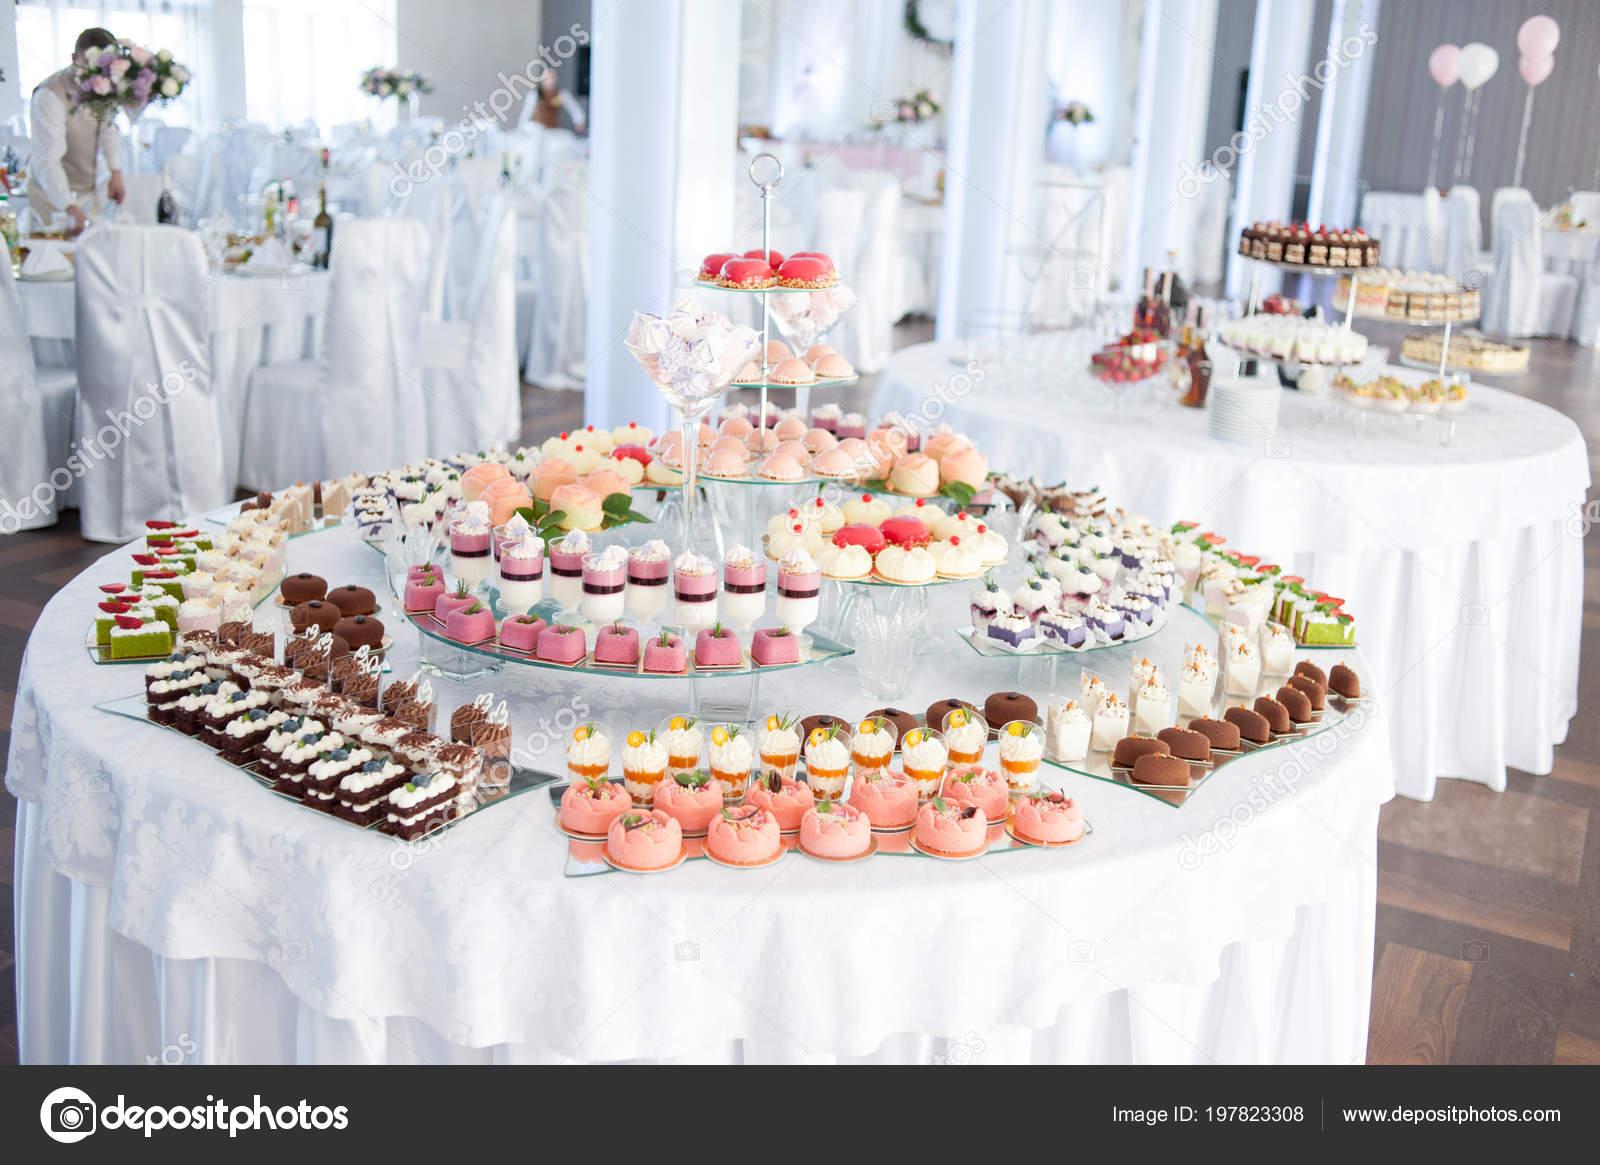 Wedding dessert bar candy buffet wedding sweets table stock photo wedding dessert bar candy buffet wedding sweets table stock photo junglespirit Images